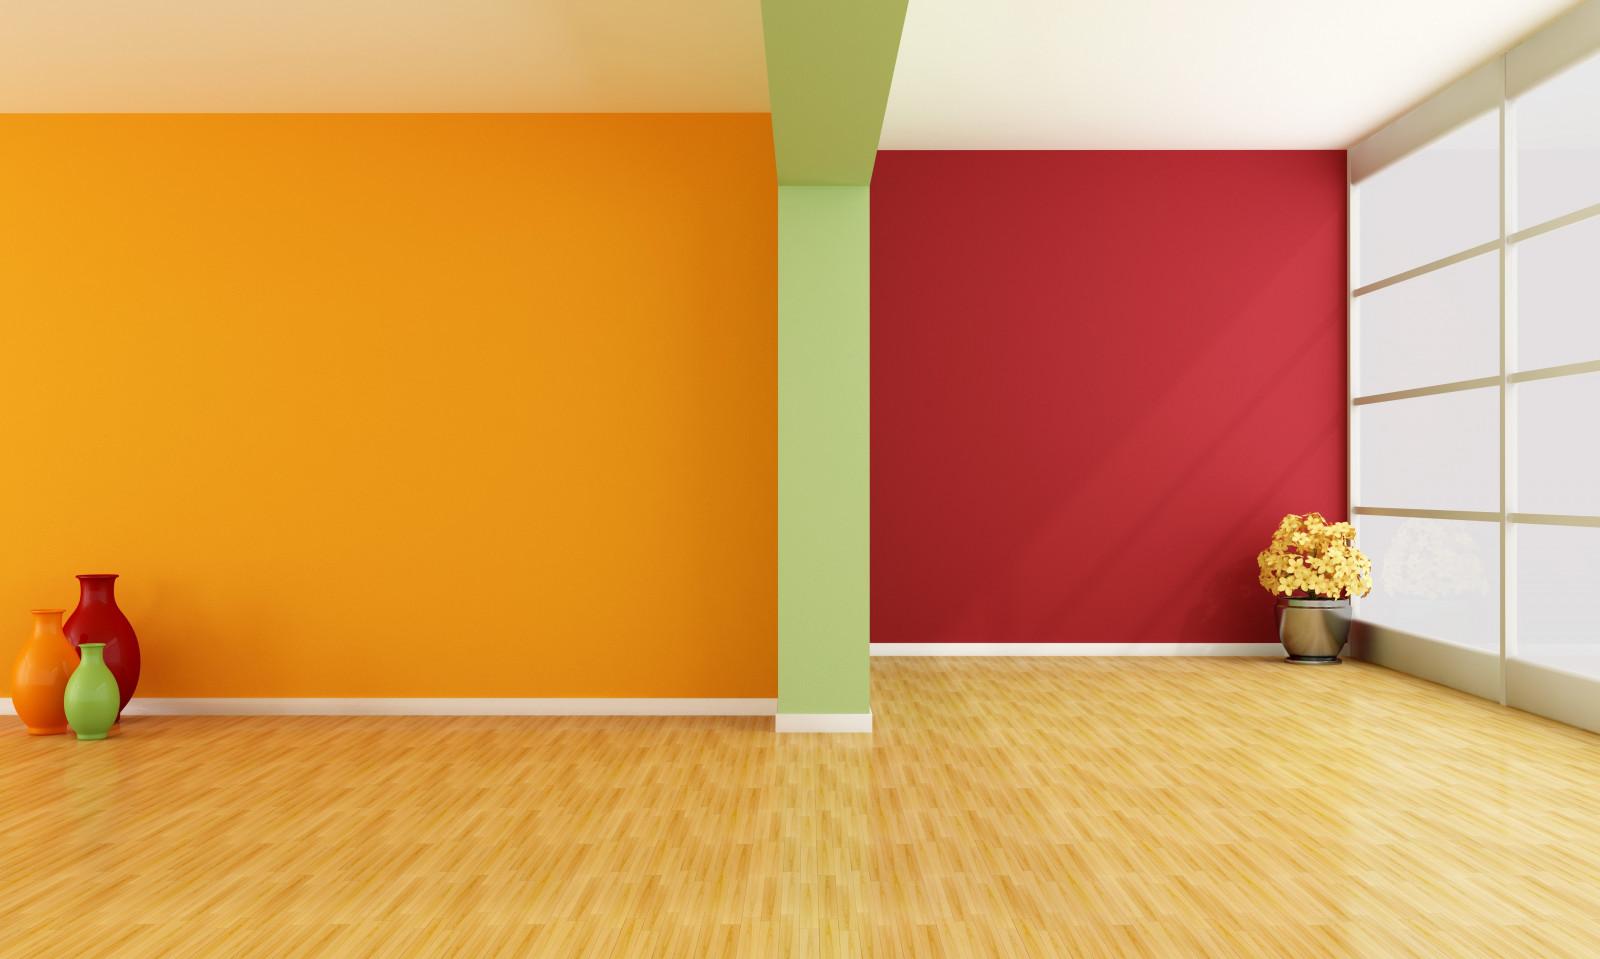 Fondos de pantalla habitaci n pared dise o de interiores color piso paredes maceta - Diseno de interiores paredes ...